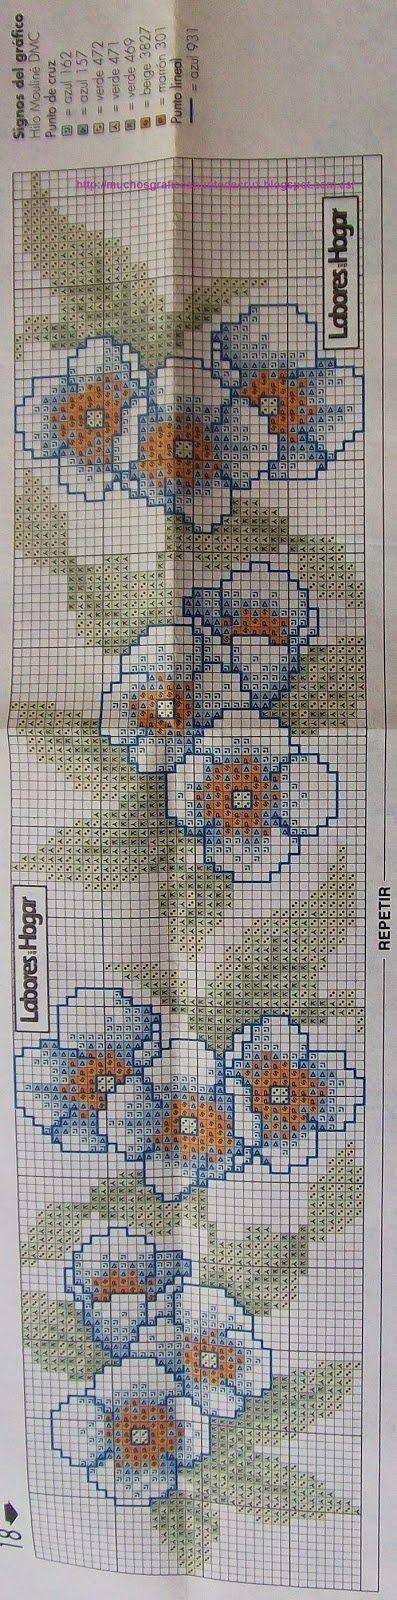 Bonito Los Patrones De Crochet Libre Para Toallas De Cocina Molde ...